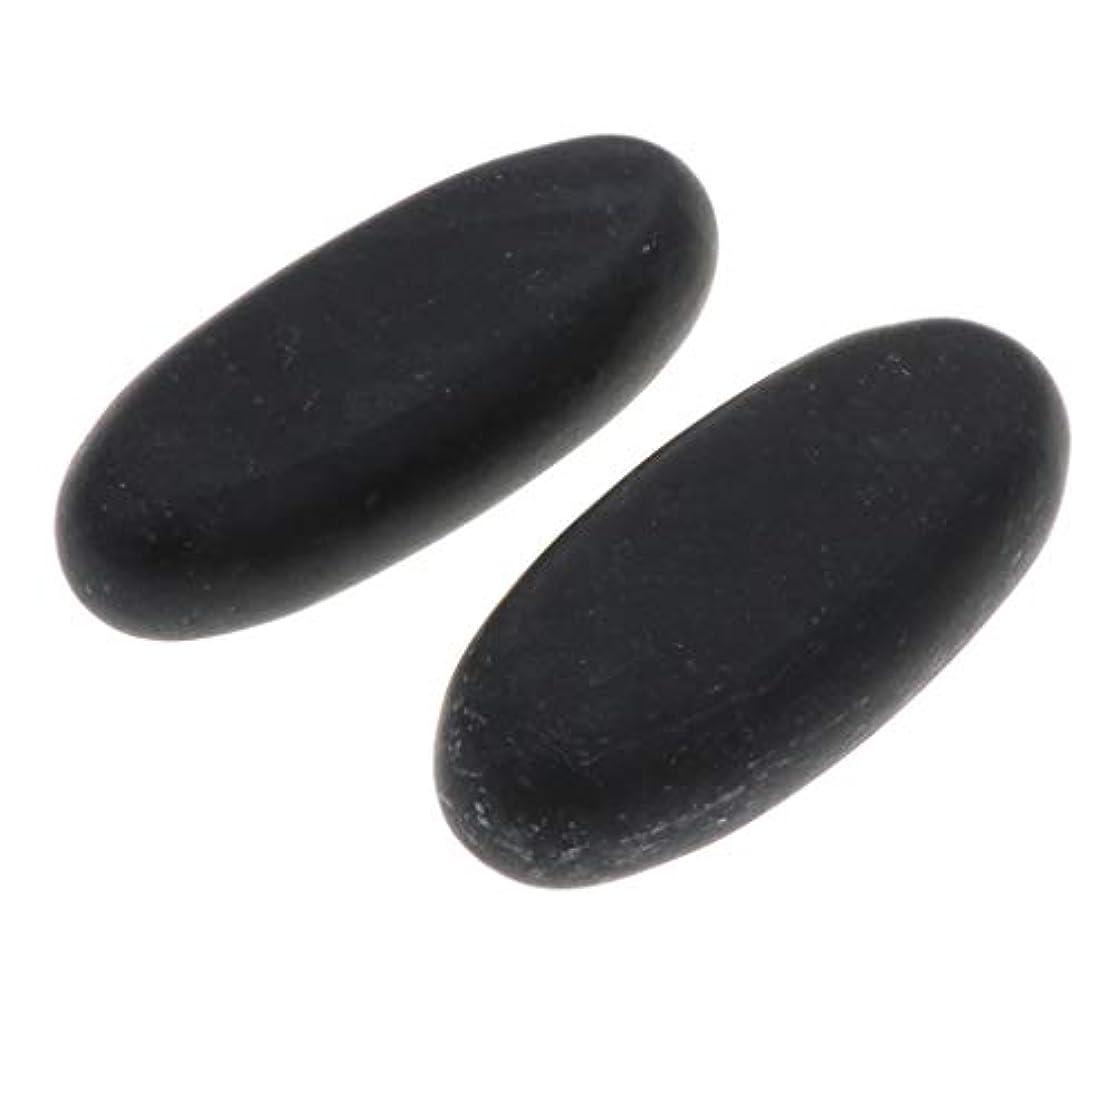 満員ドリンクキャプチャーD DOLITY マッサージ石 マッサージストーン 玄武岩 ボディマッサージ ツボ押し リラクゼーション 全2サイズ - 8×3.2×1.5cm